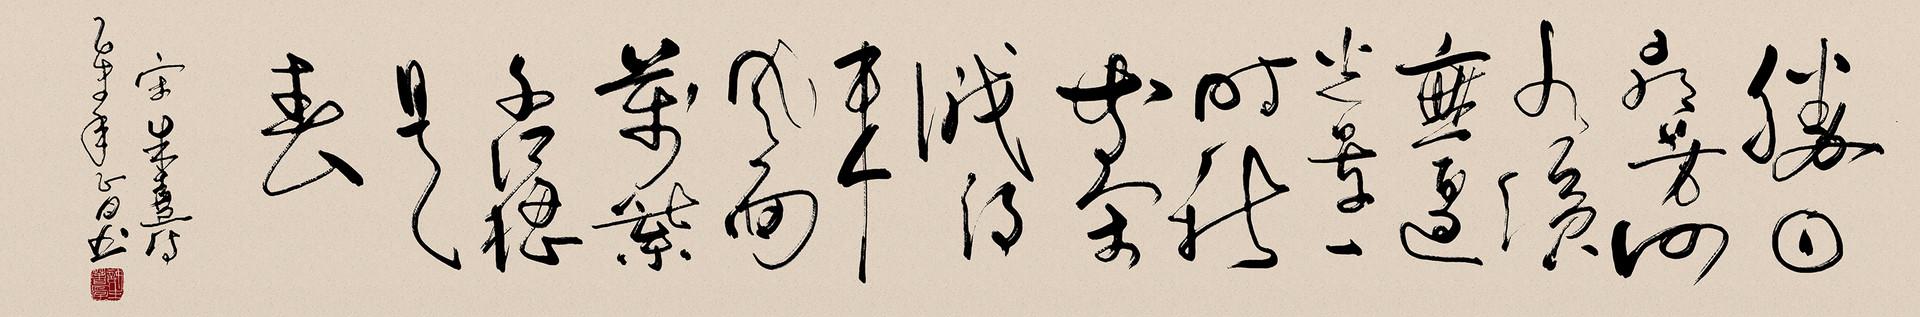 Zhelong xu 15970942503 163cafcb63 o